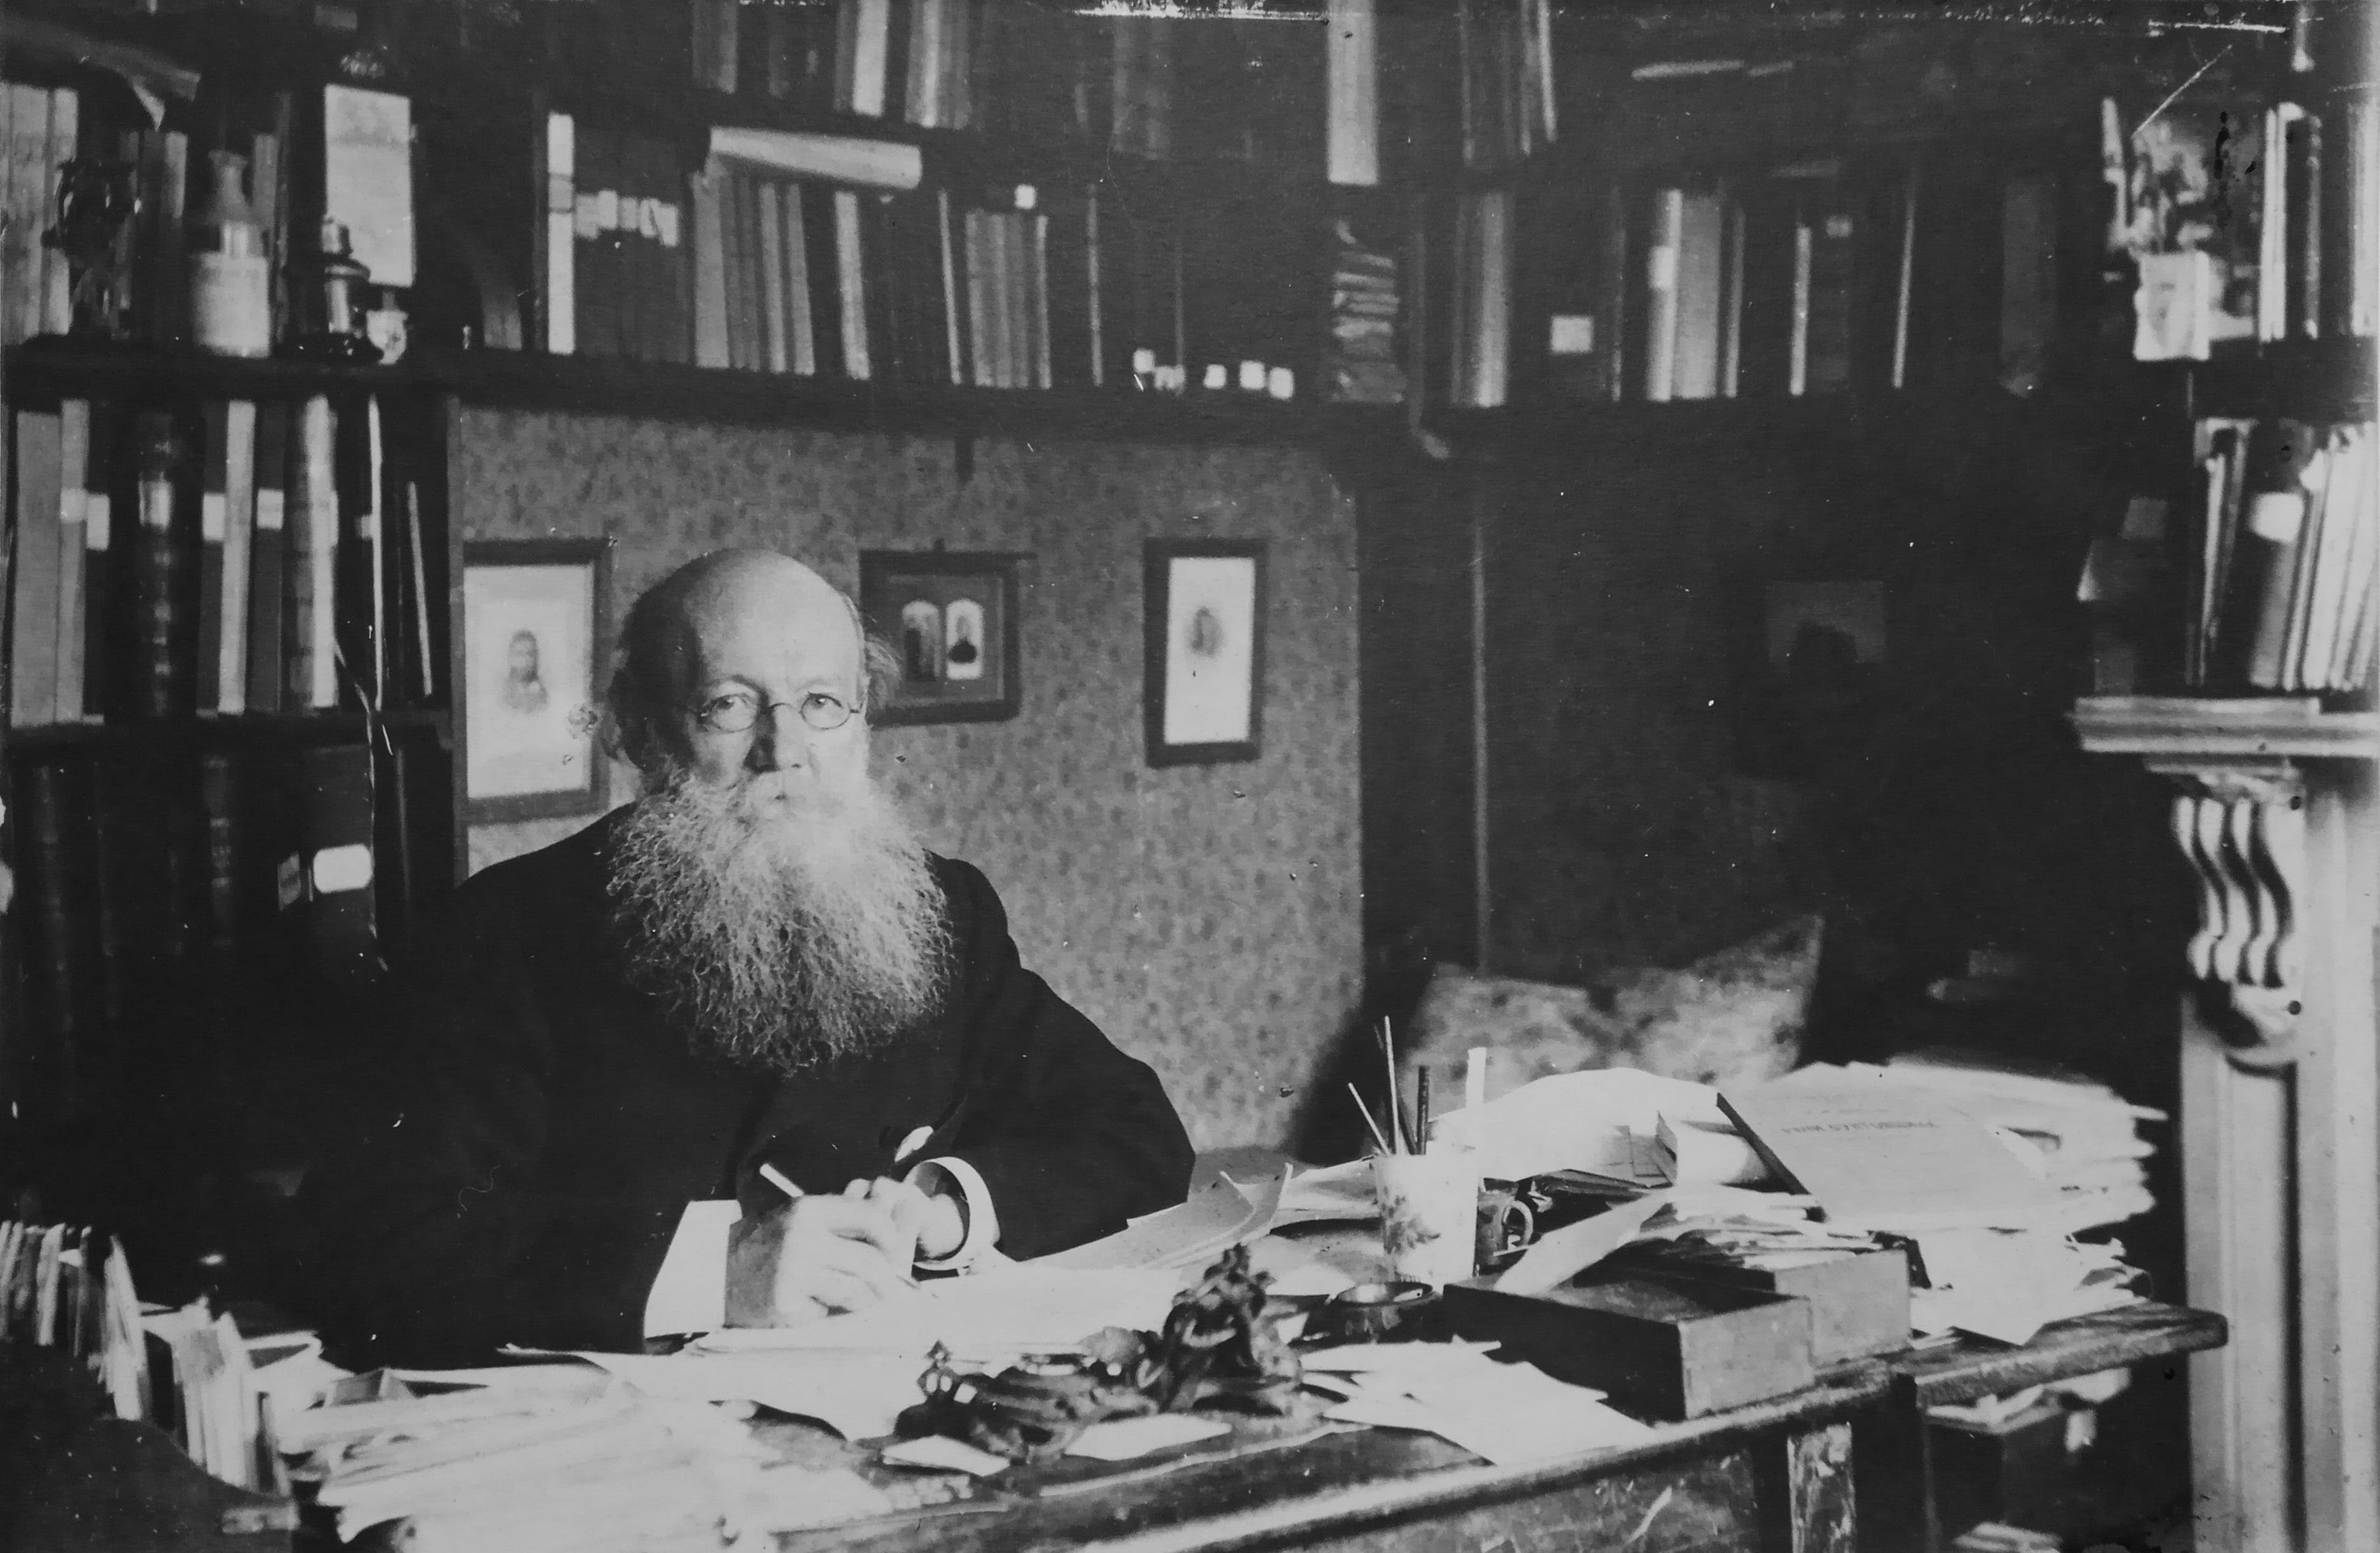 П.А.Кропоткин в рабочем кабинете, за столом собственного изготовления